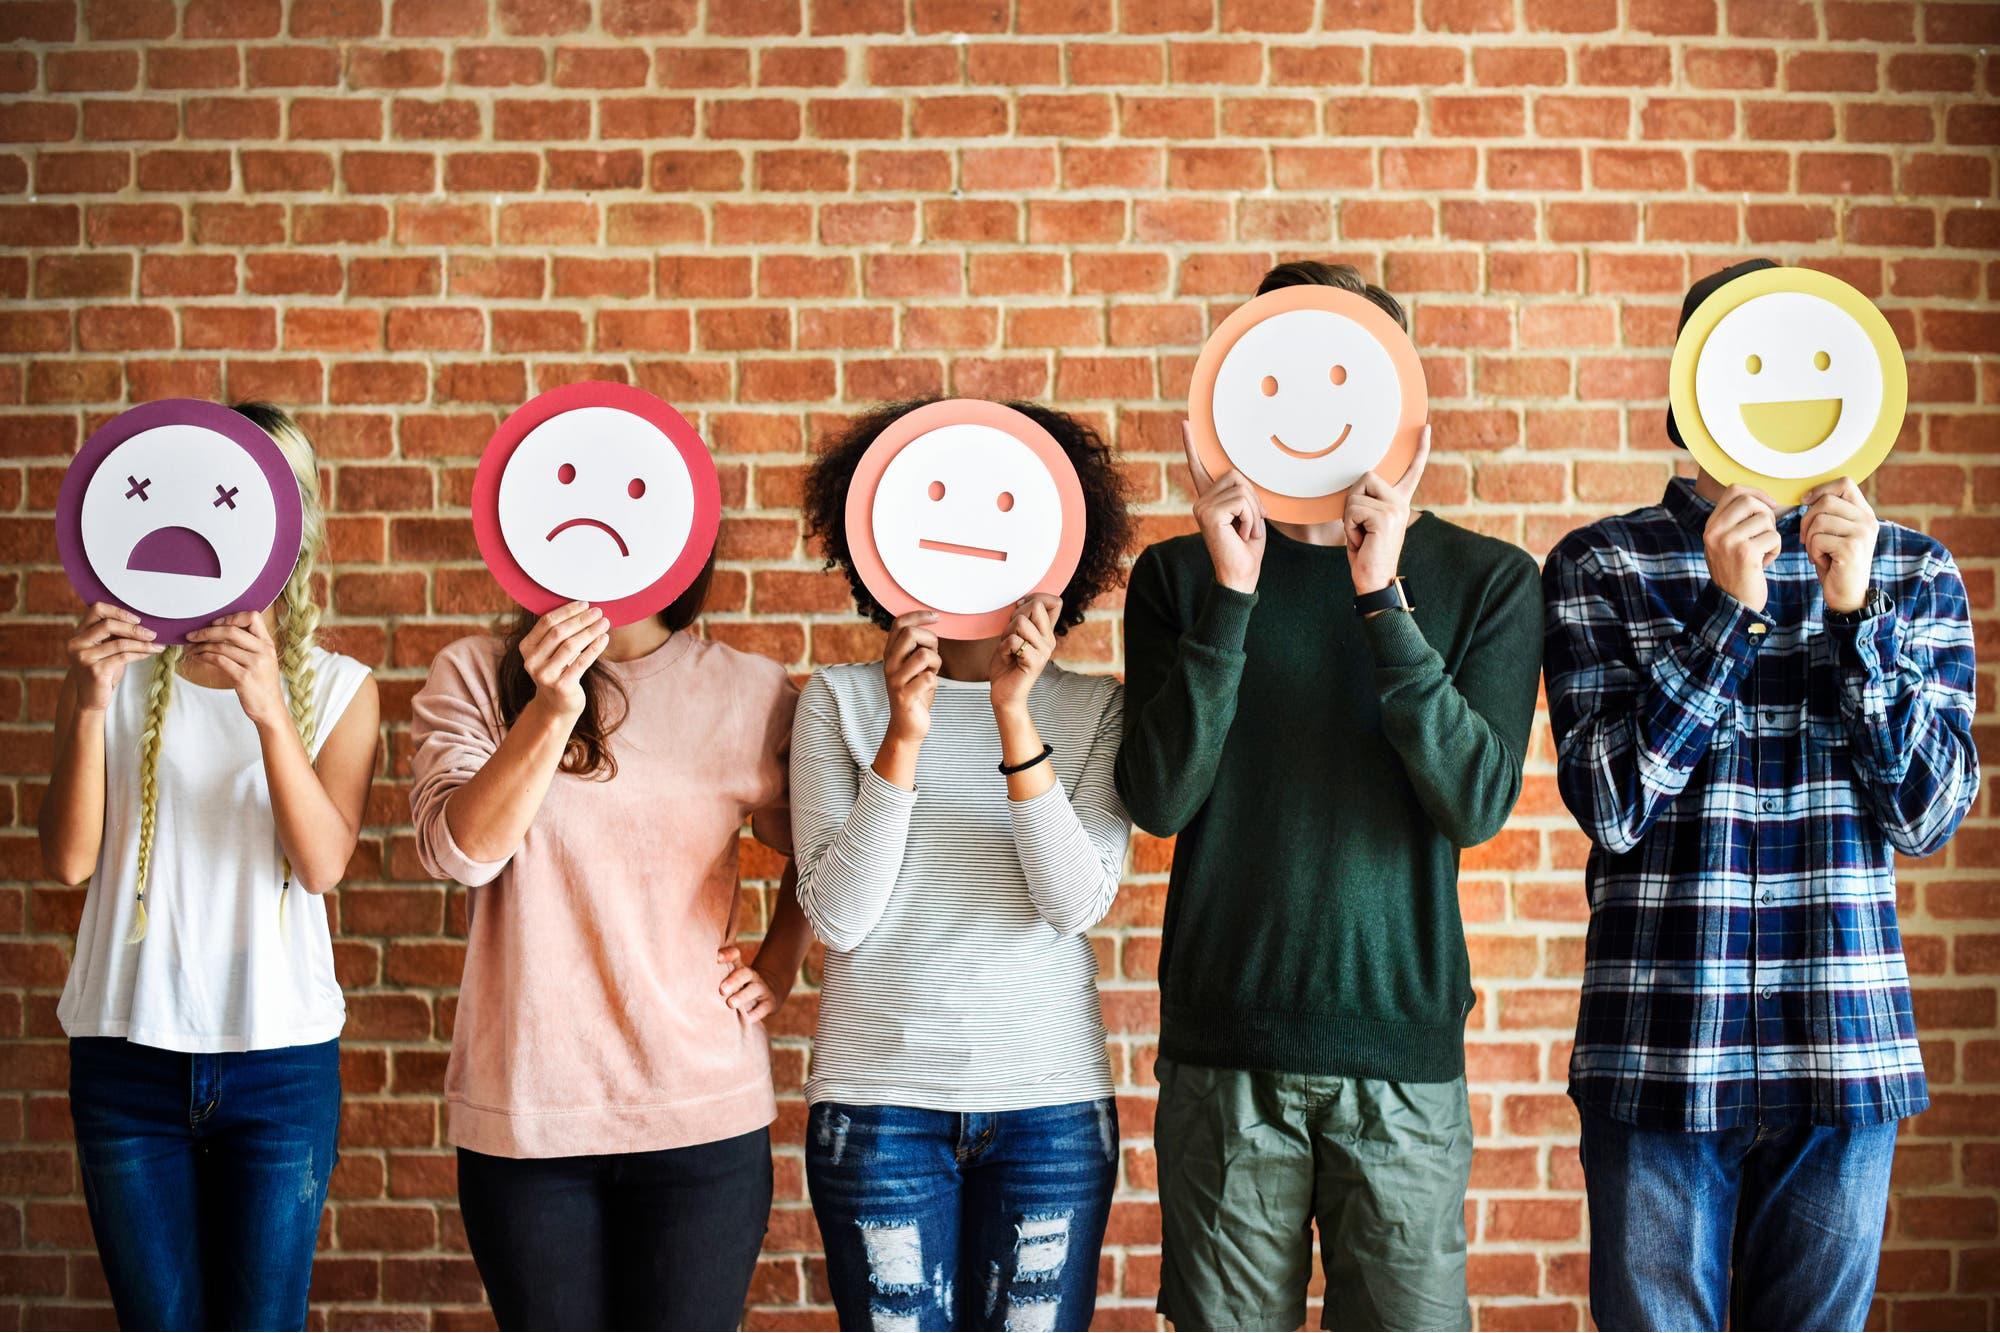 Prueban un software para medir las emociones de alumnos argentinos en clase